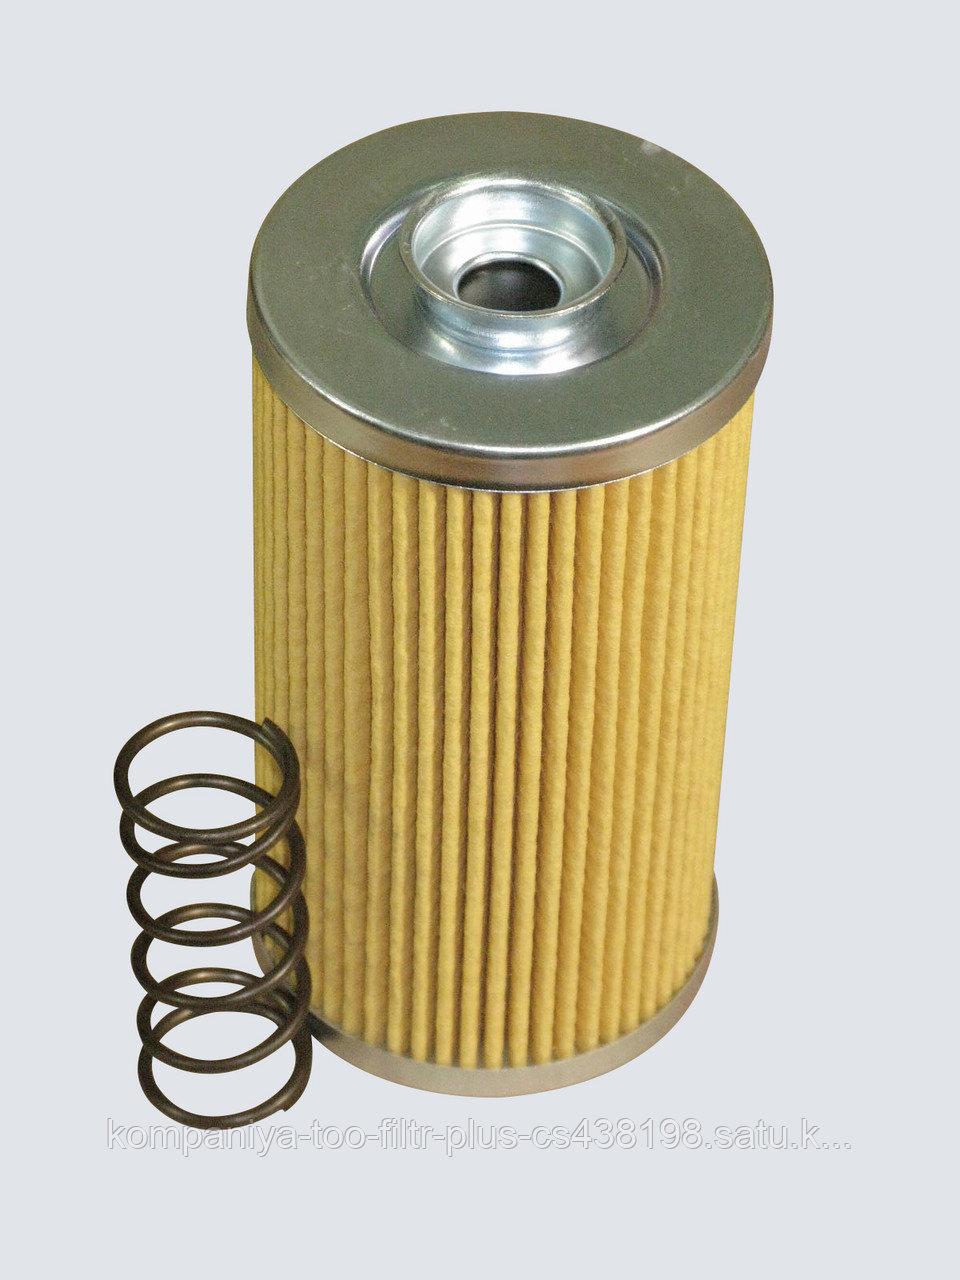 P171534 гидравлический фильтр Donaldson